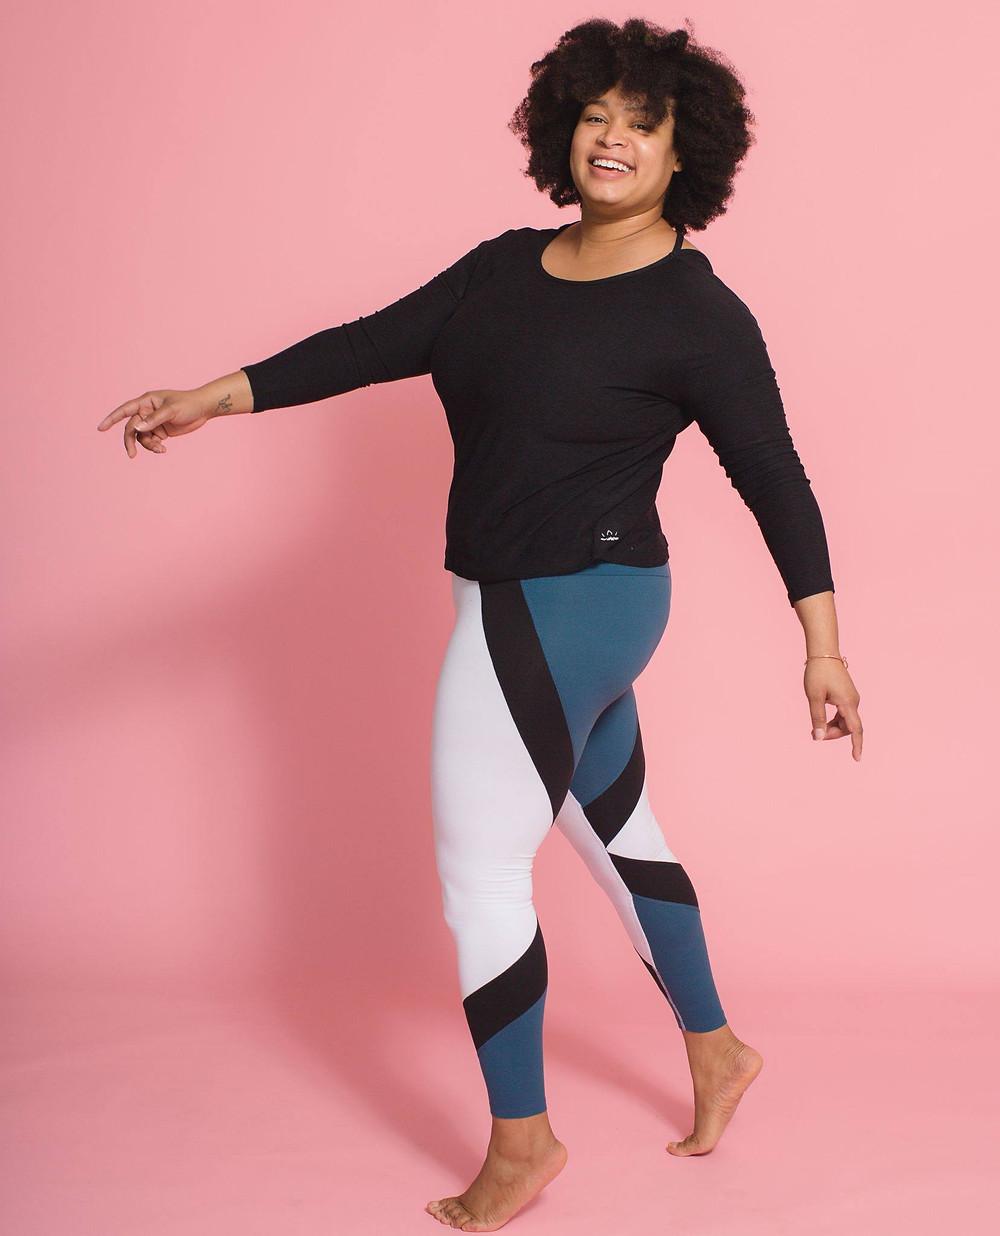 Yogaja yoga teacher Gena Collier